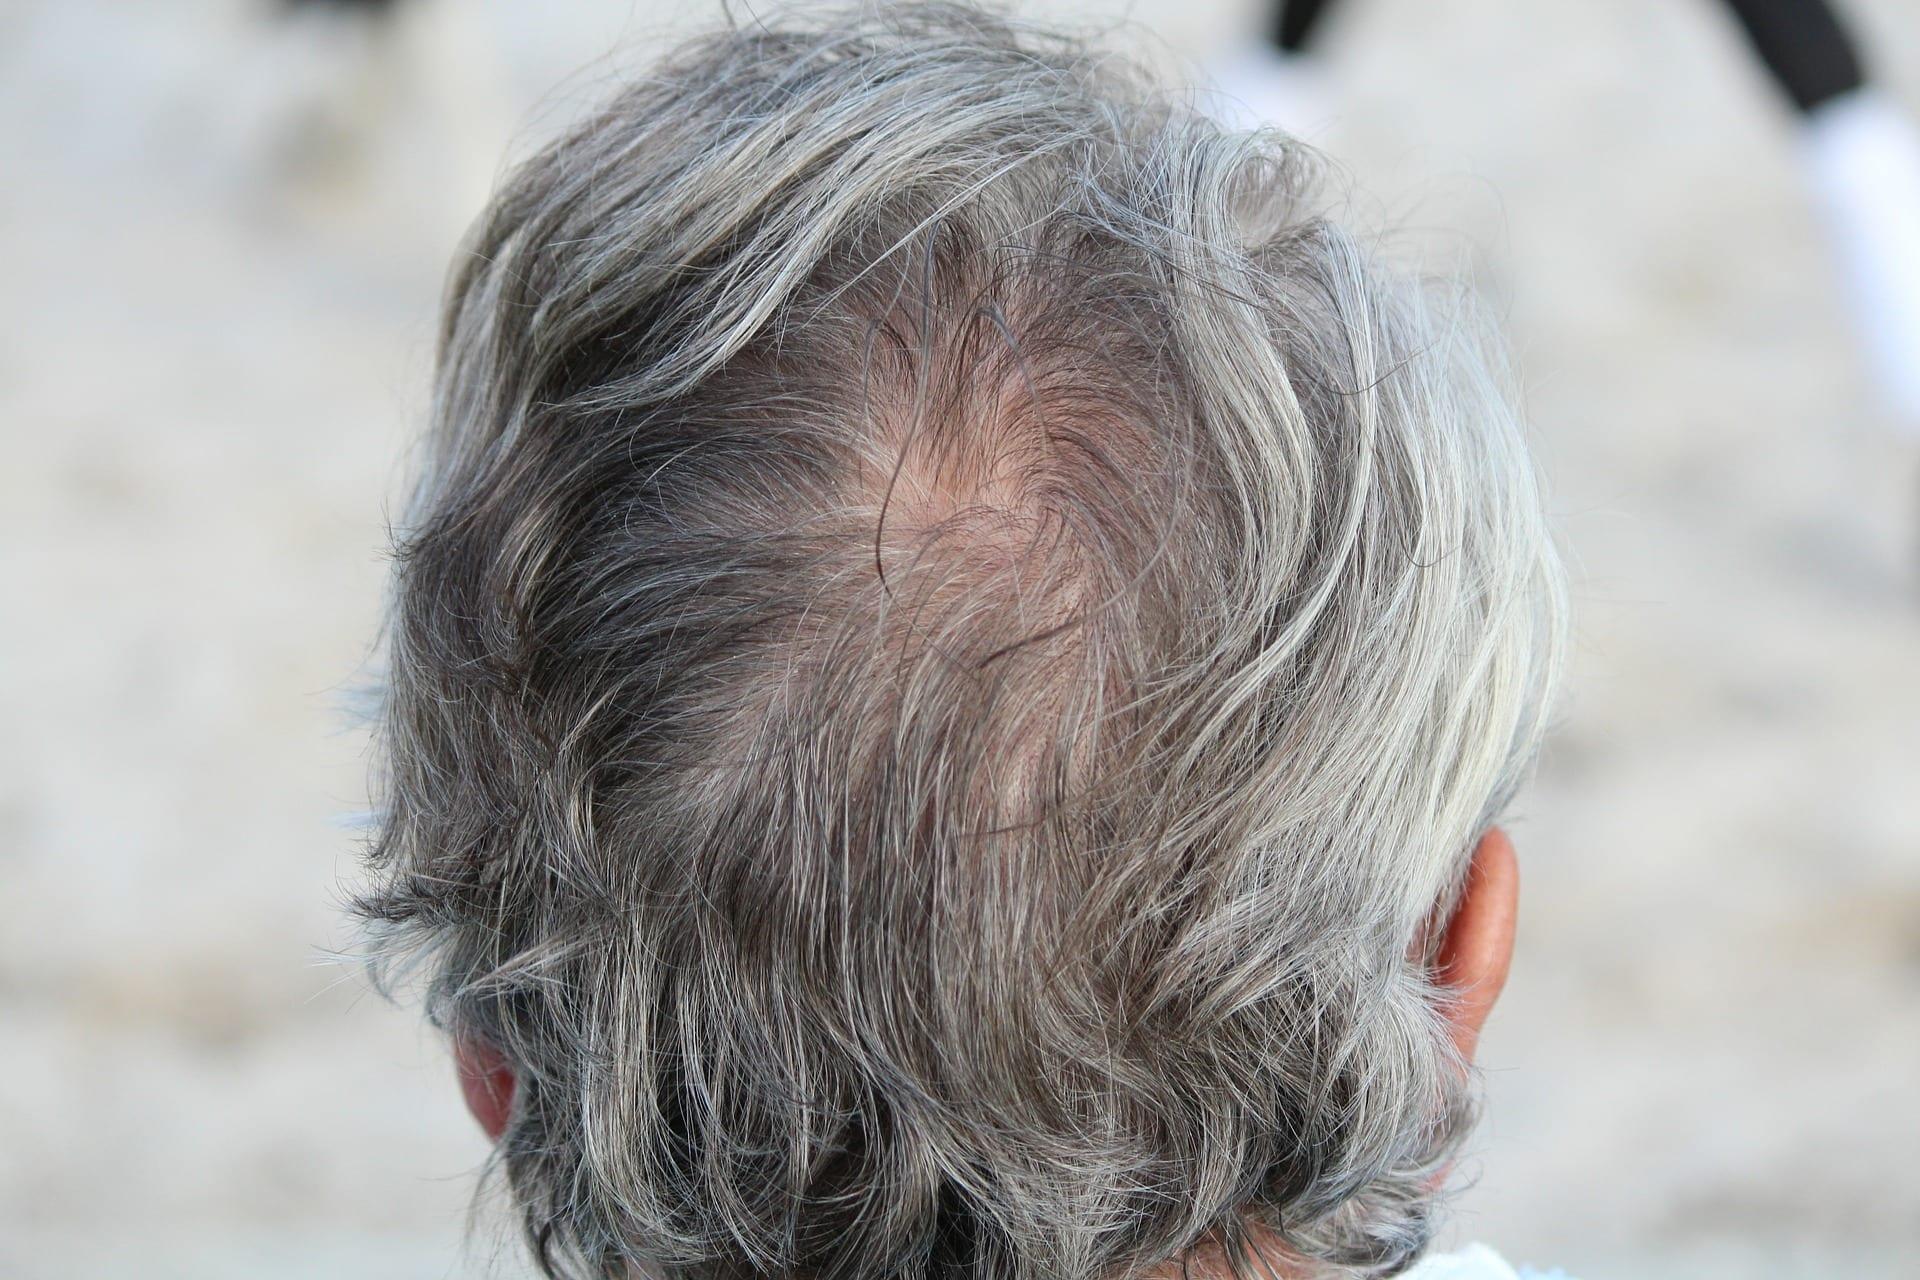 Schönheitsmakel? Die Arten von Haarausfall